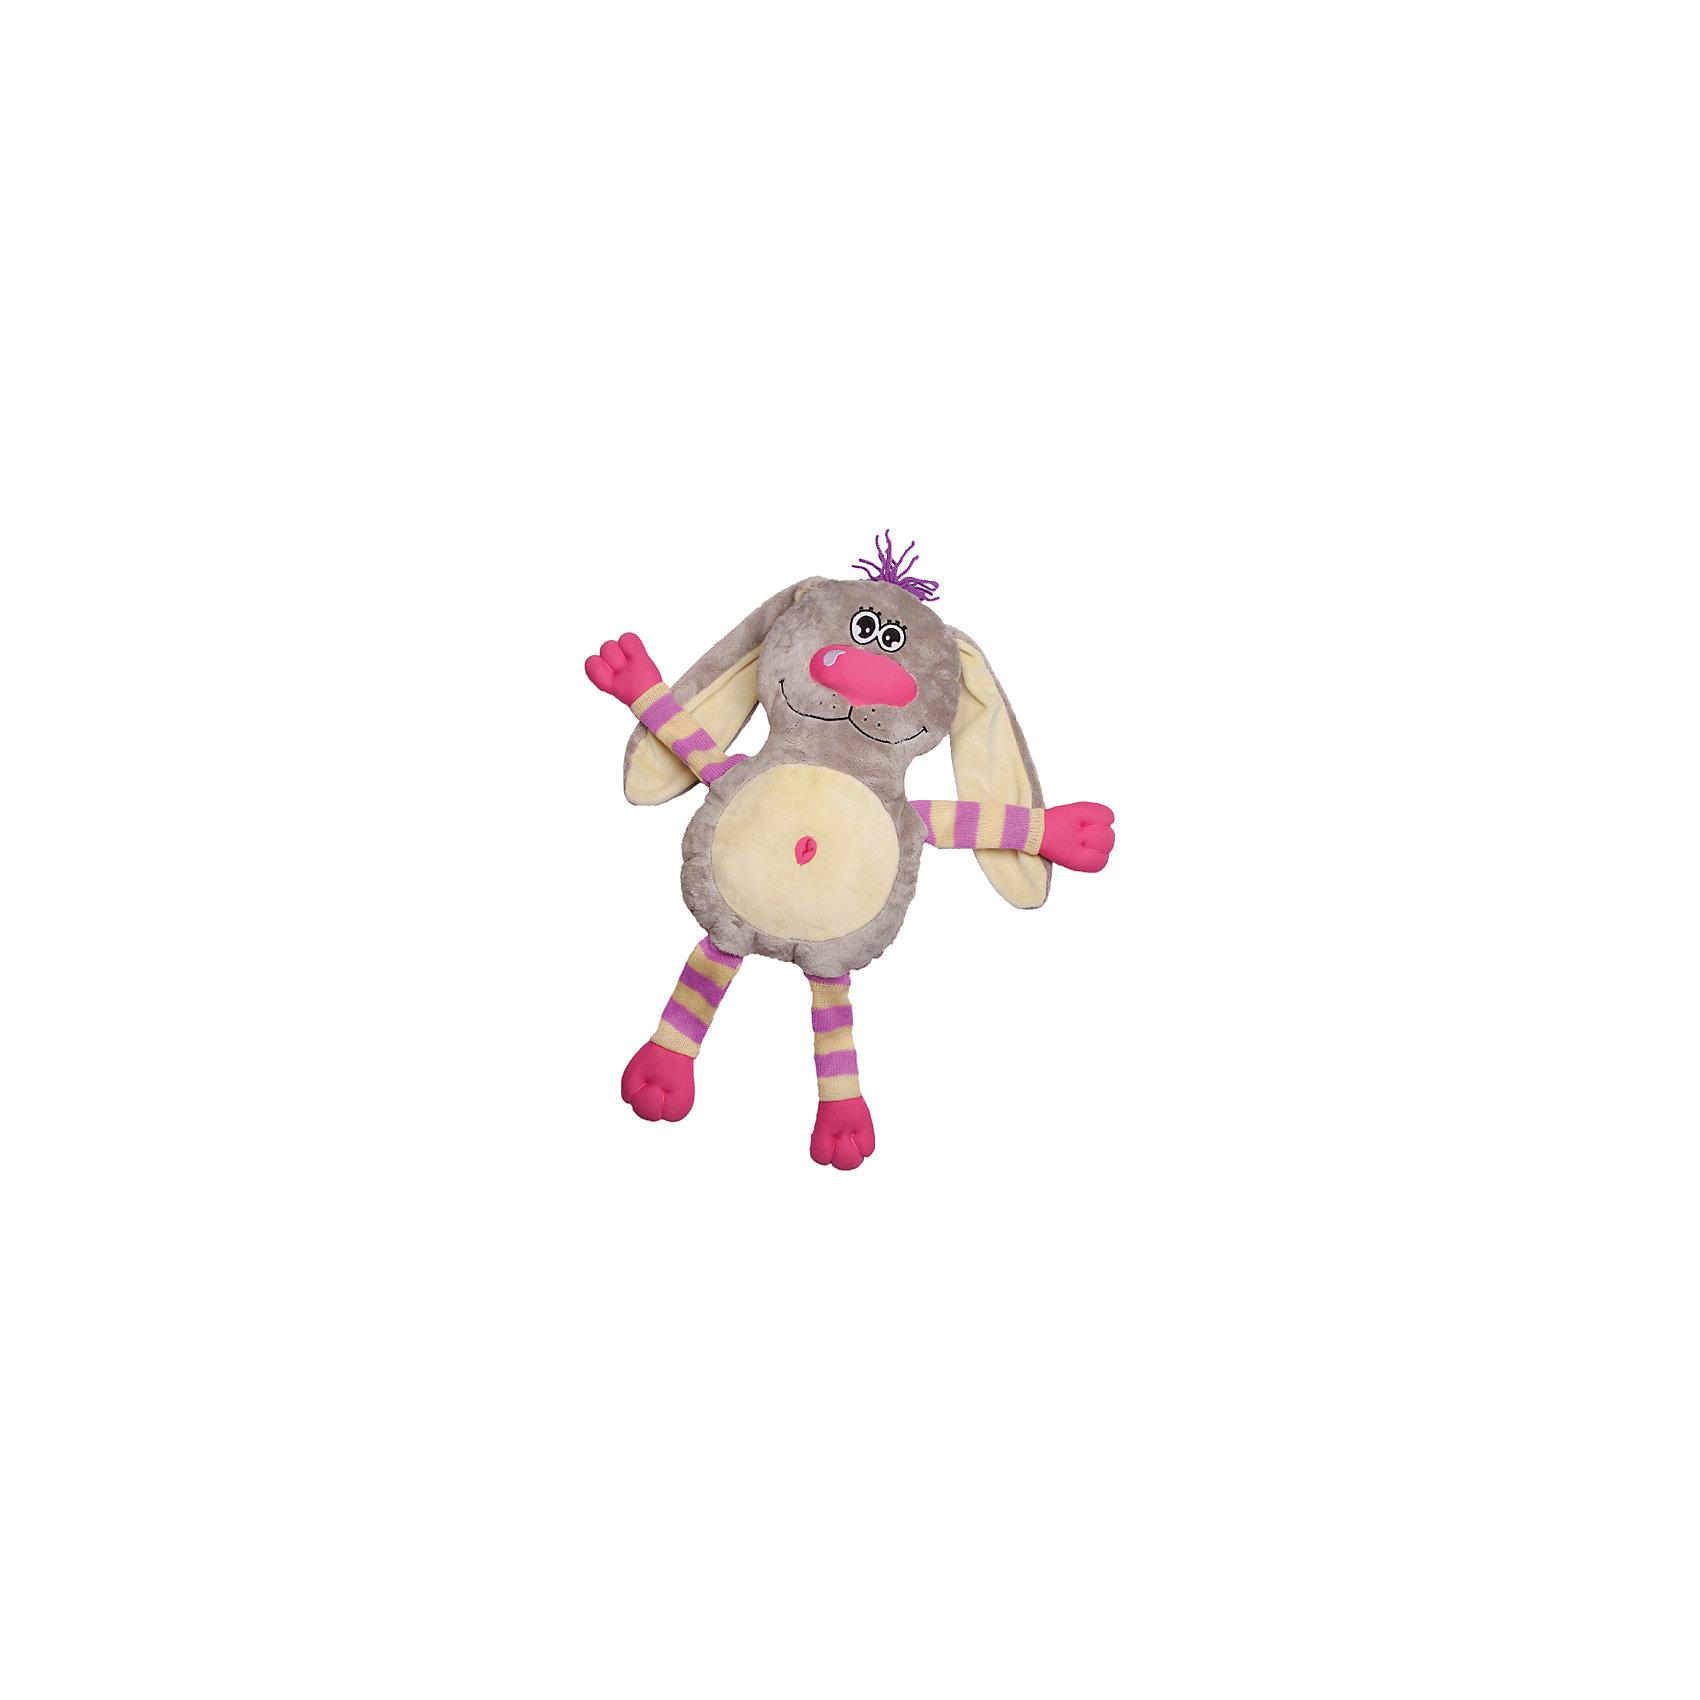 Игрушка-обнимашка Заяц, 60 см, Fluffy FamilyМягкие игрушки – фавориты среди девчачьих игрушек. Приятный материал и милая форма игрушки понравится всем девочкам, любящим игрушечных пушистиков. Заяц – интересный вариант для подарка, когда хочется показать свою нежность, испытываемую к получателю. Для самых маленьких мышь станет отличным компаньоном для сна в обнимку и настоящим другом, которому можно доверить все секреты. Материалы, использованные при изготовлении товара, абсолютно безопасны и отвечают всем международным требованиям по качеству.<br><br>Дополнительные характеристики:<br><br>материал: искусственный мех;<br>габариты: 60 см.<br><br>Игрушку-обнимашку Заяц от компании Fluffy Family можно приобрести в нашем магазине.<br><br>Ширина мм: 650<br>Глубина мм: 580<br>Высота мм: 450<br>Вес г: 1000<br>Возраст от месяцев: 36<br>Возраст до месяцев: 96<br>Пол: Унисекс<br>Возраст: Детский<br>SKU: 5032471